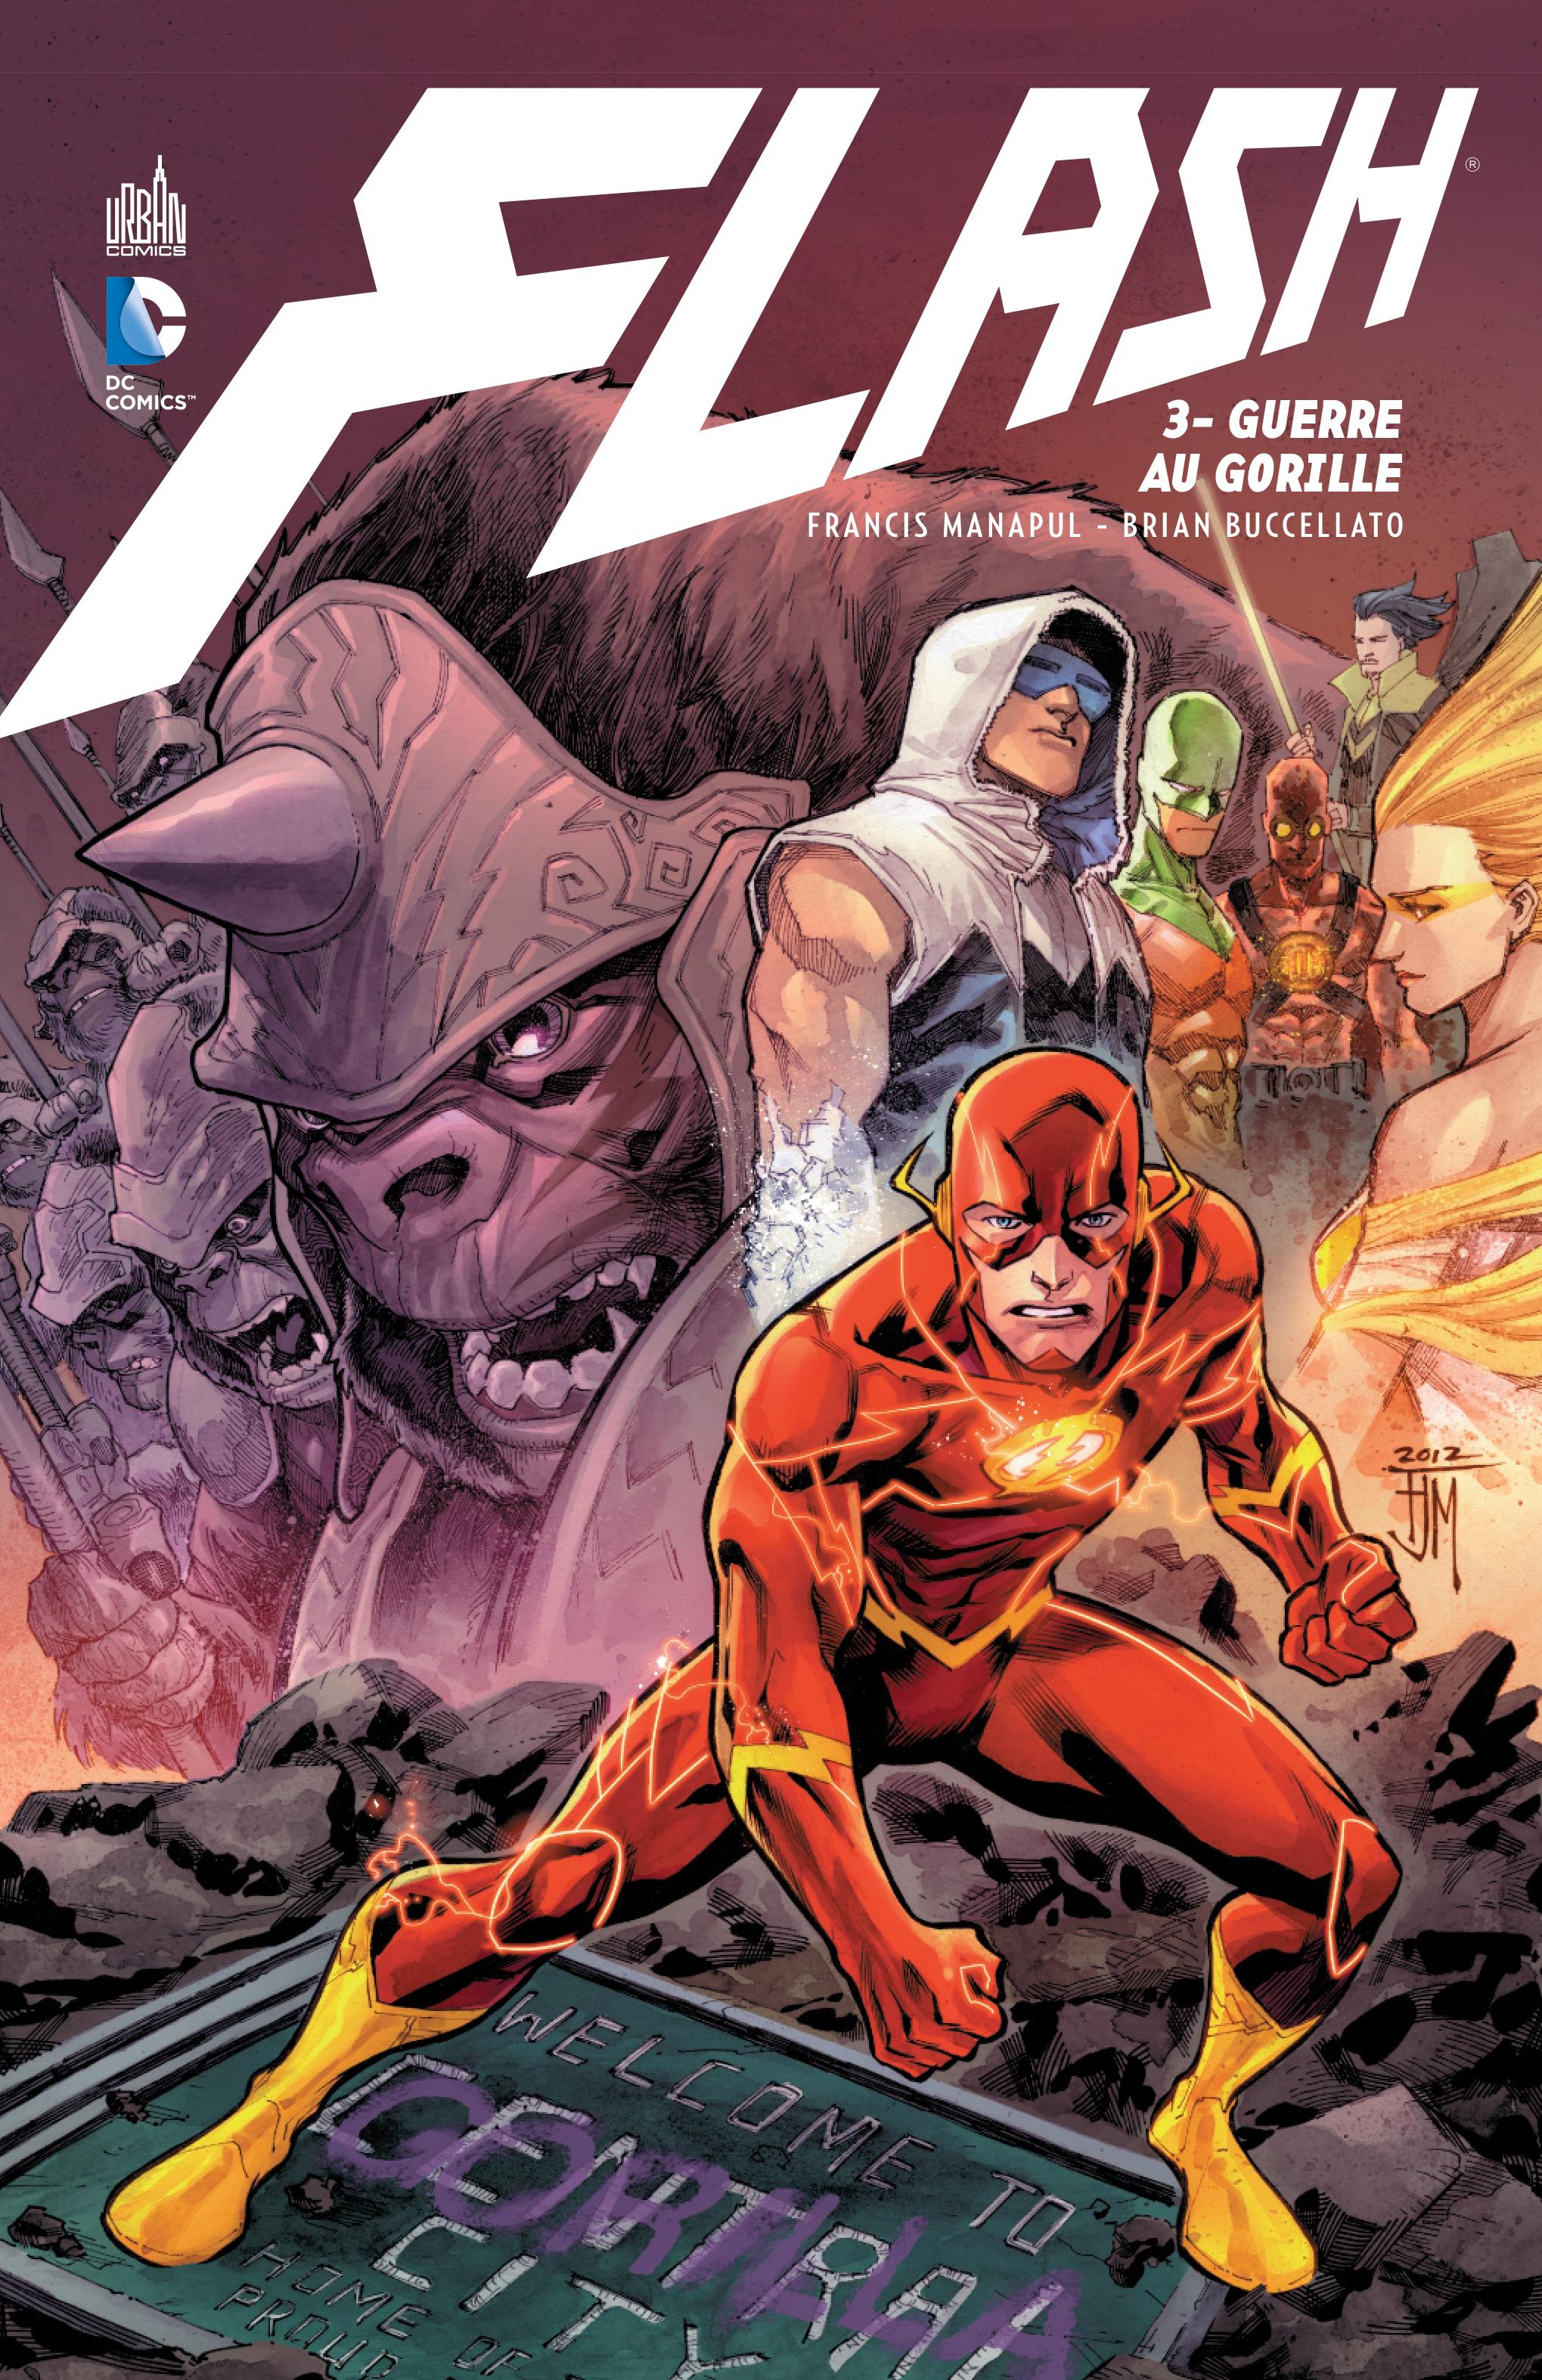 Flash 3 - Guerre au gorille